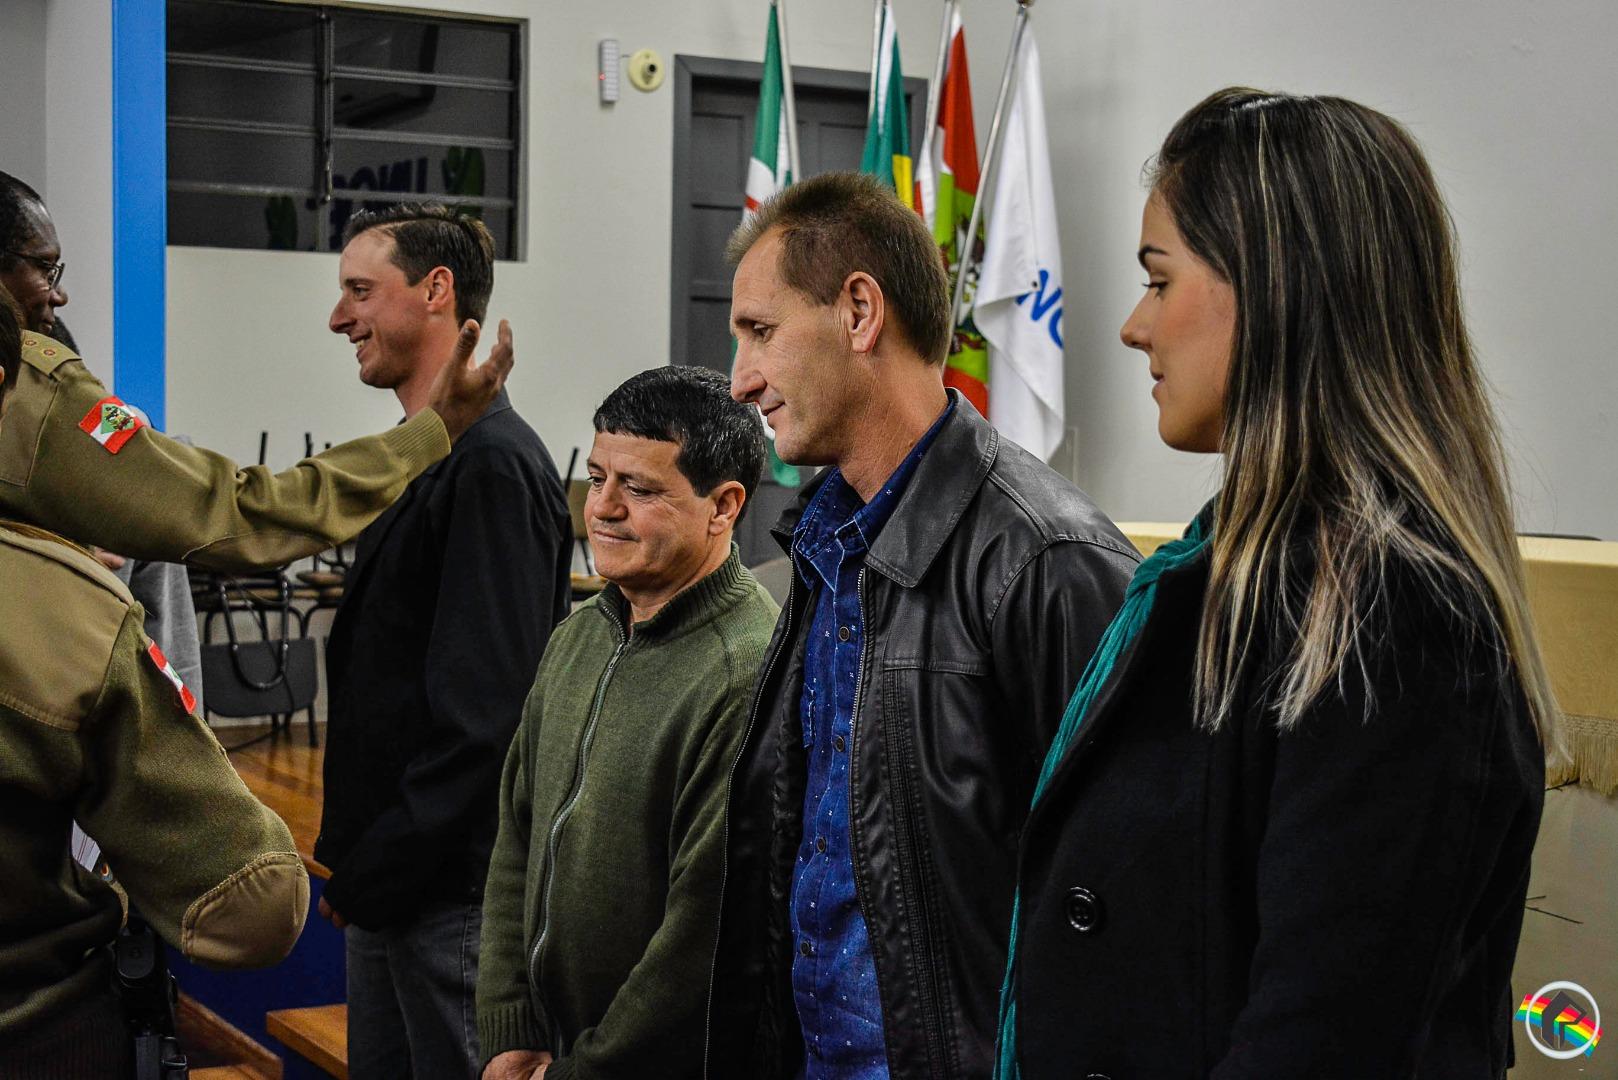 Diretoria de Segurança Cidadã forma turma de lideranças comunitárias